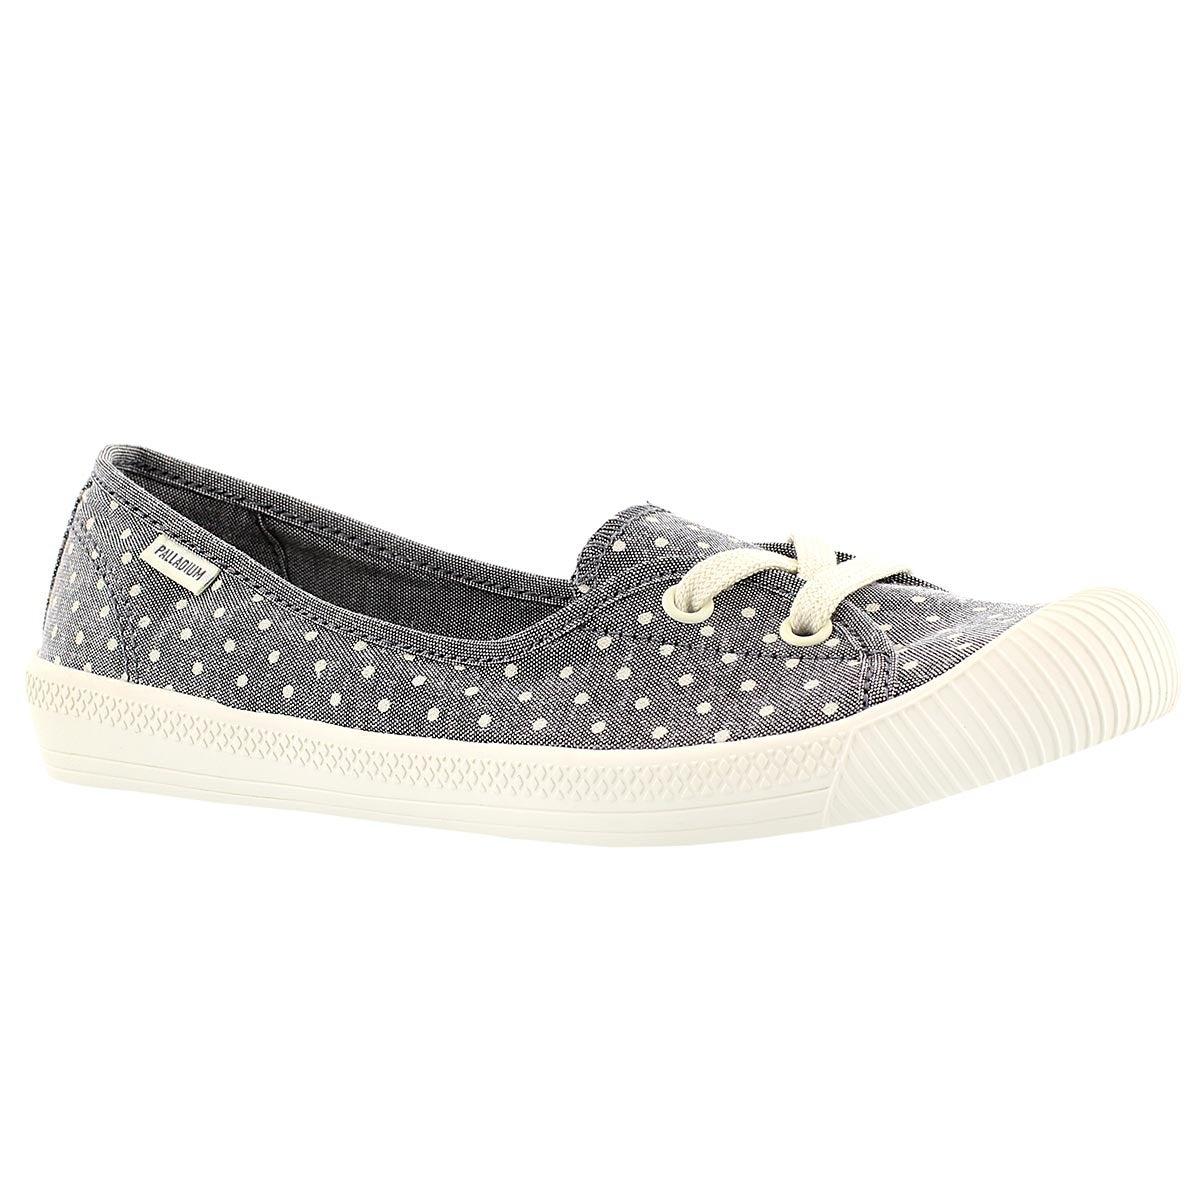 Lds Flex Ballet grey/wht dots sneaker